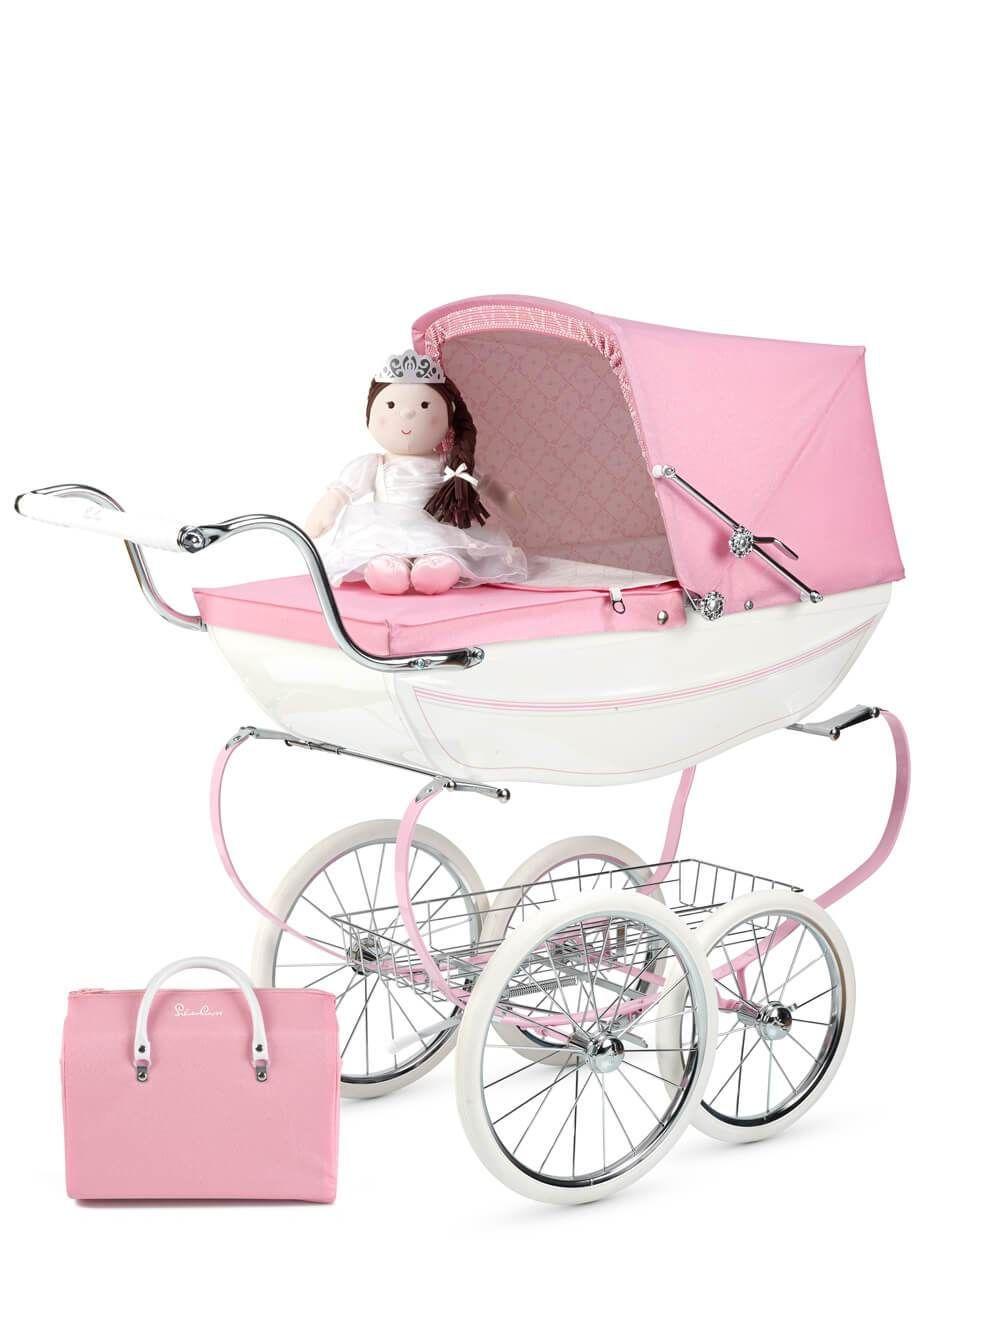 Coche de Muñecas | Carritos de bebé, Cochecitos de muñecas